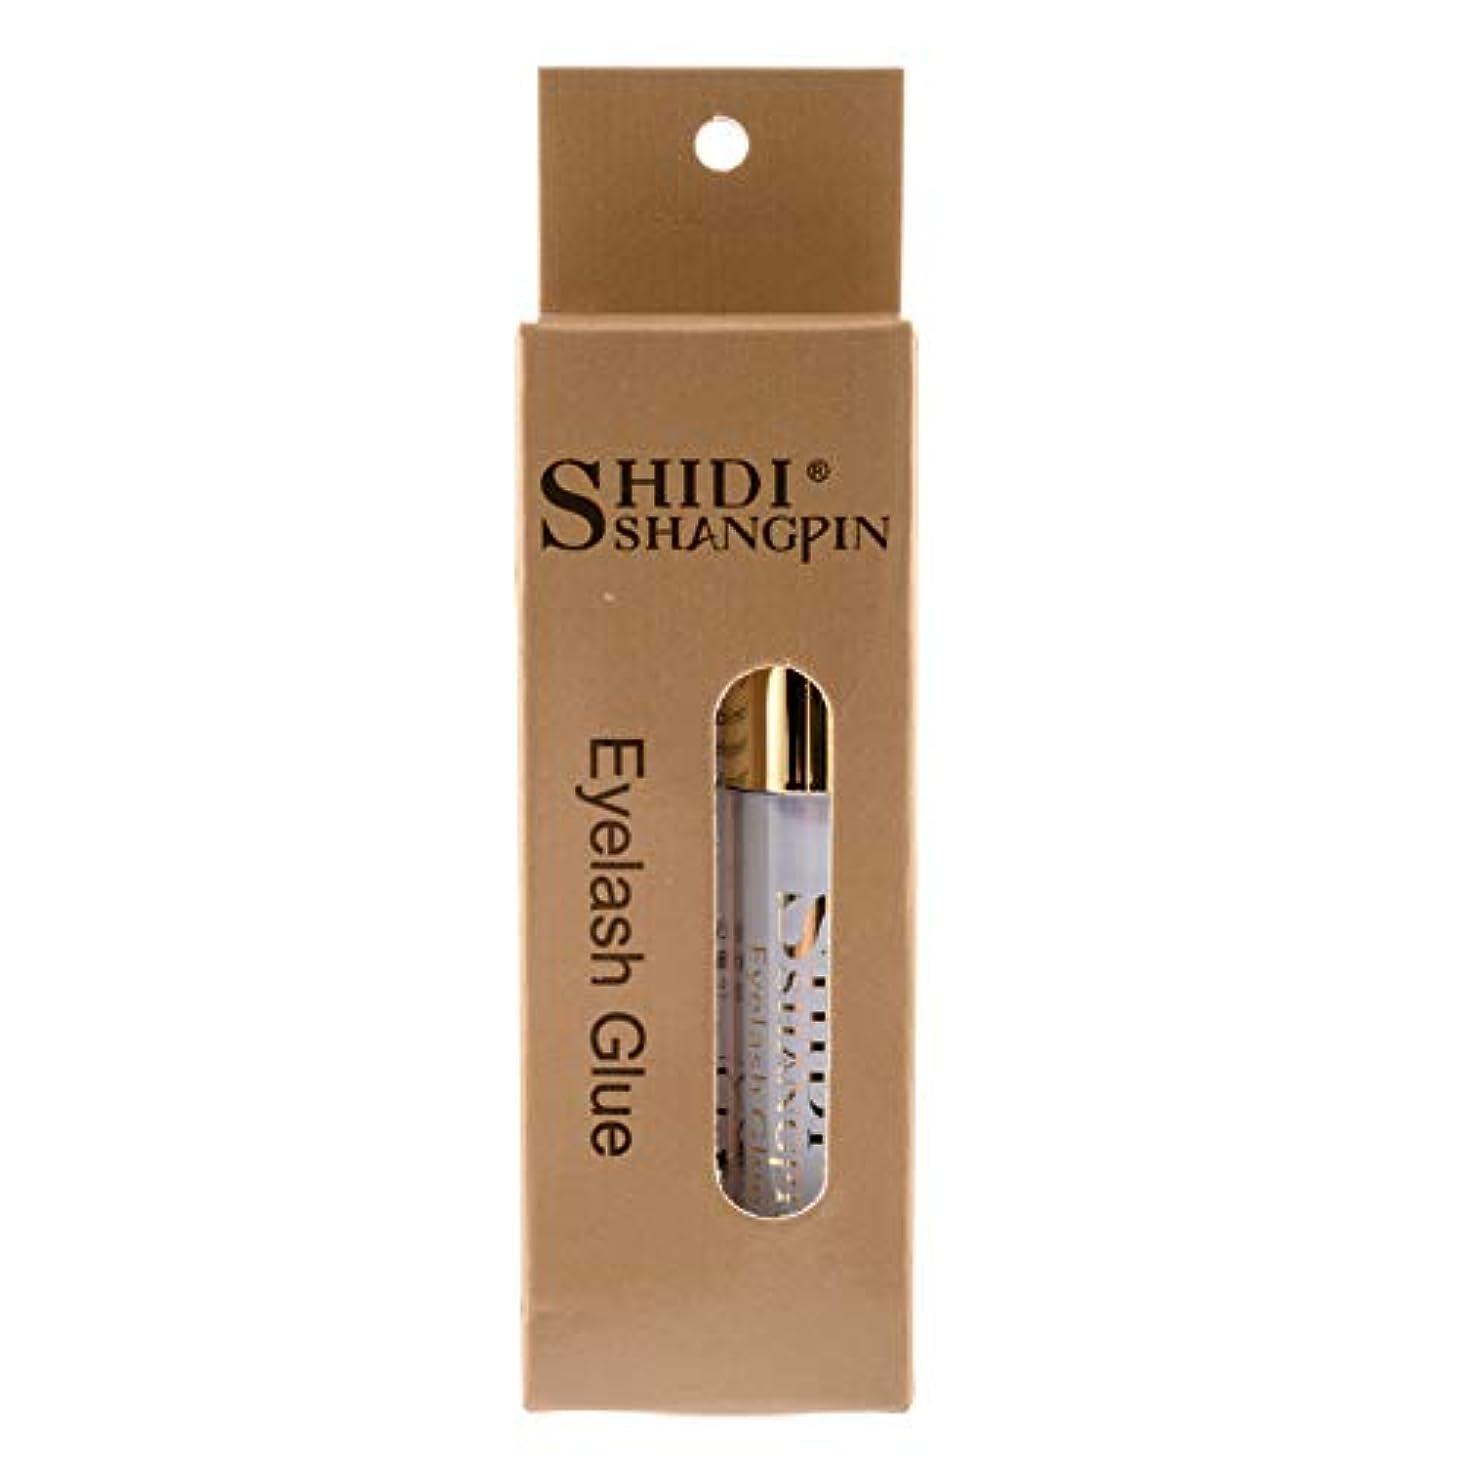 モチーフ発火する先史時代のSHIDI SHANGPIN つけまつげ接着剤 超強力タイプスーパーフィット乳白色 5g